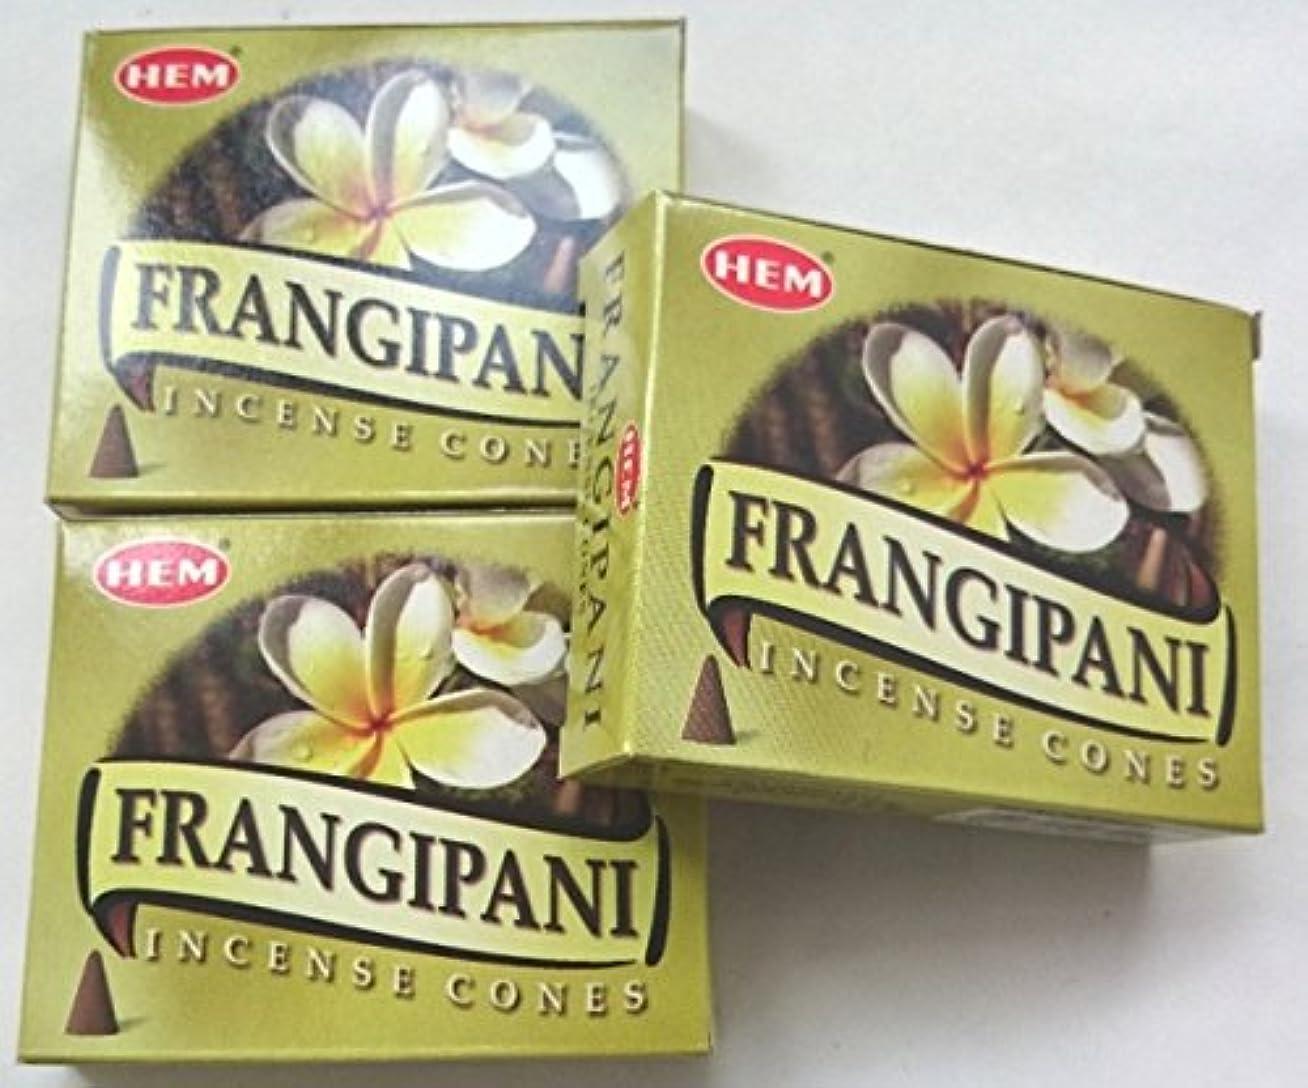 口実浸食組HEM(ヘム)お香 フランジパニ コーン 3個セット